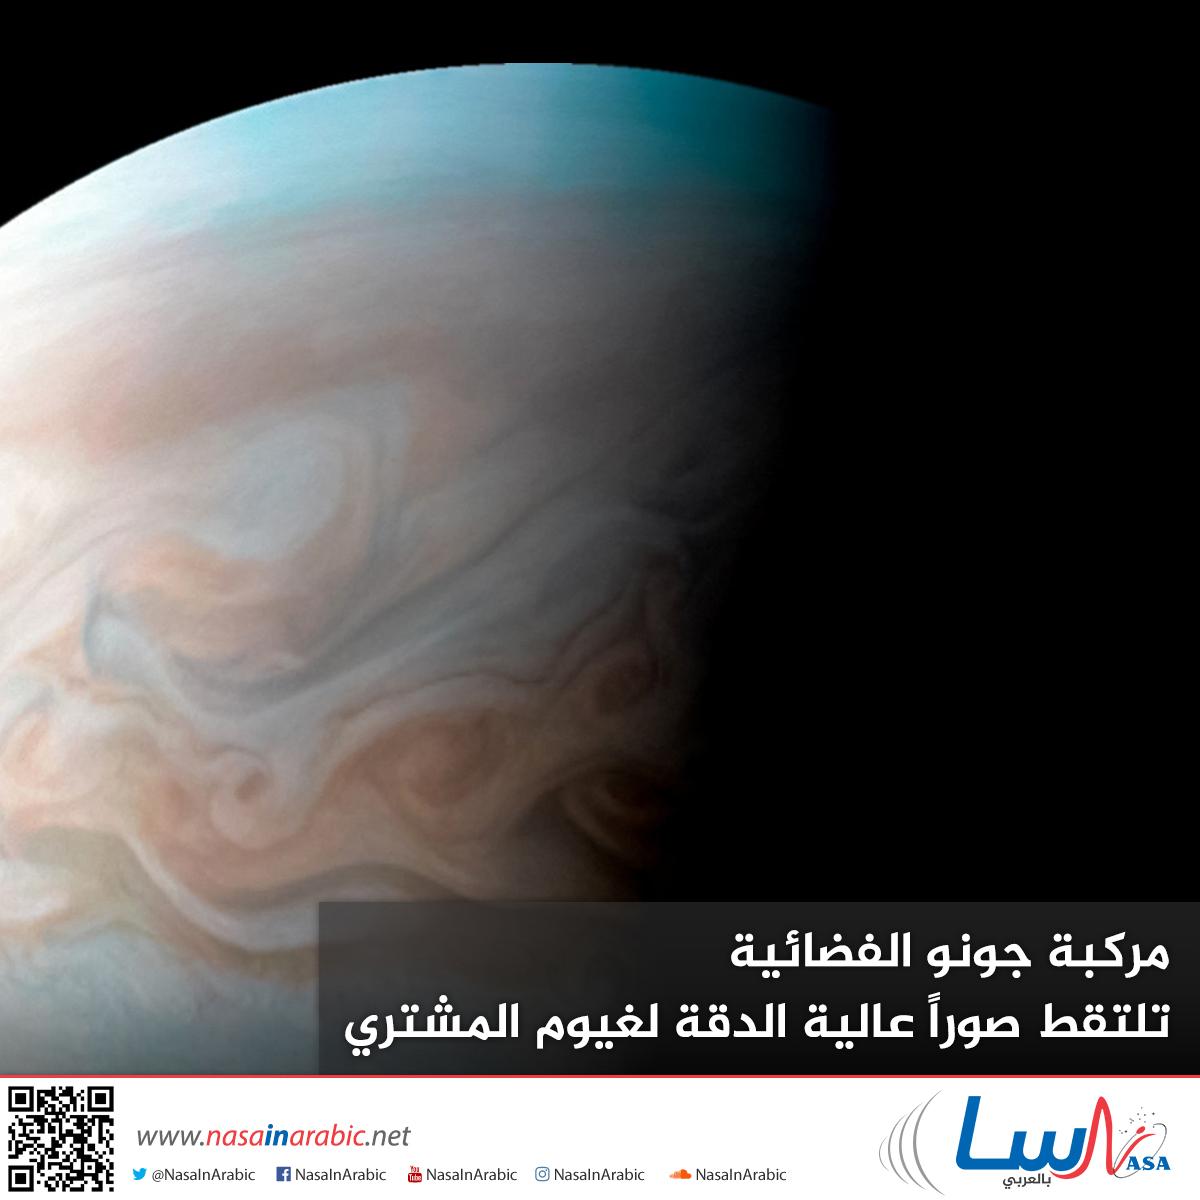 مركبة جونو الفضائية تلتقط صوراً عالية الدقة لغيوم المشتري